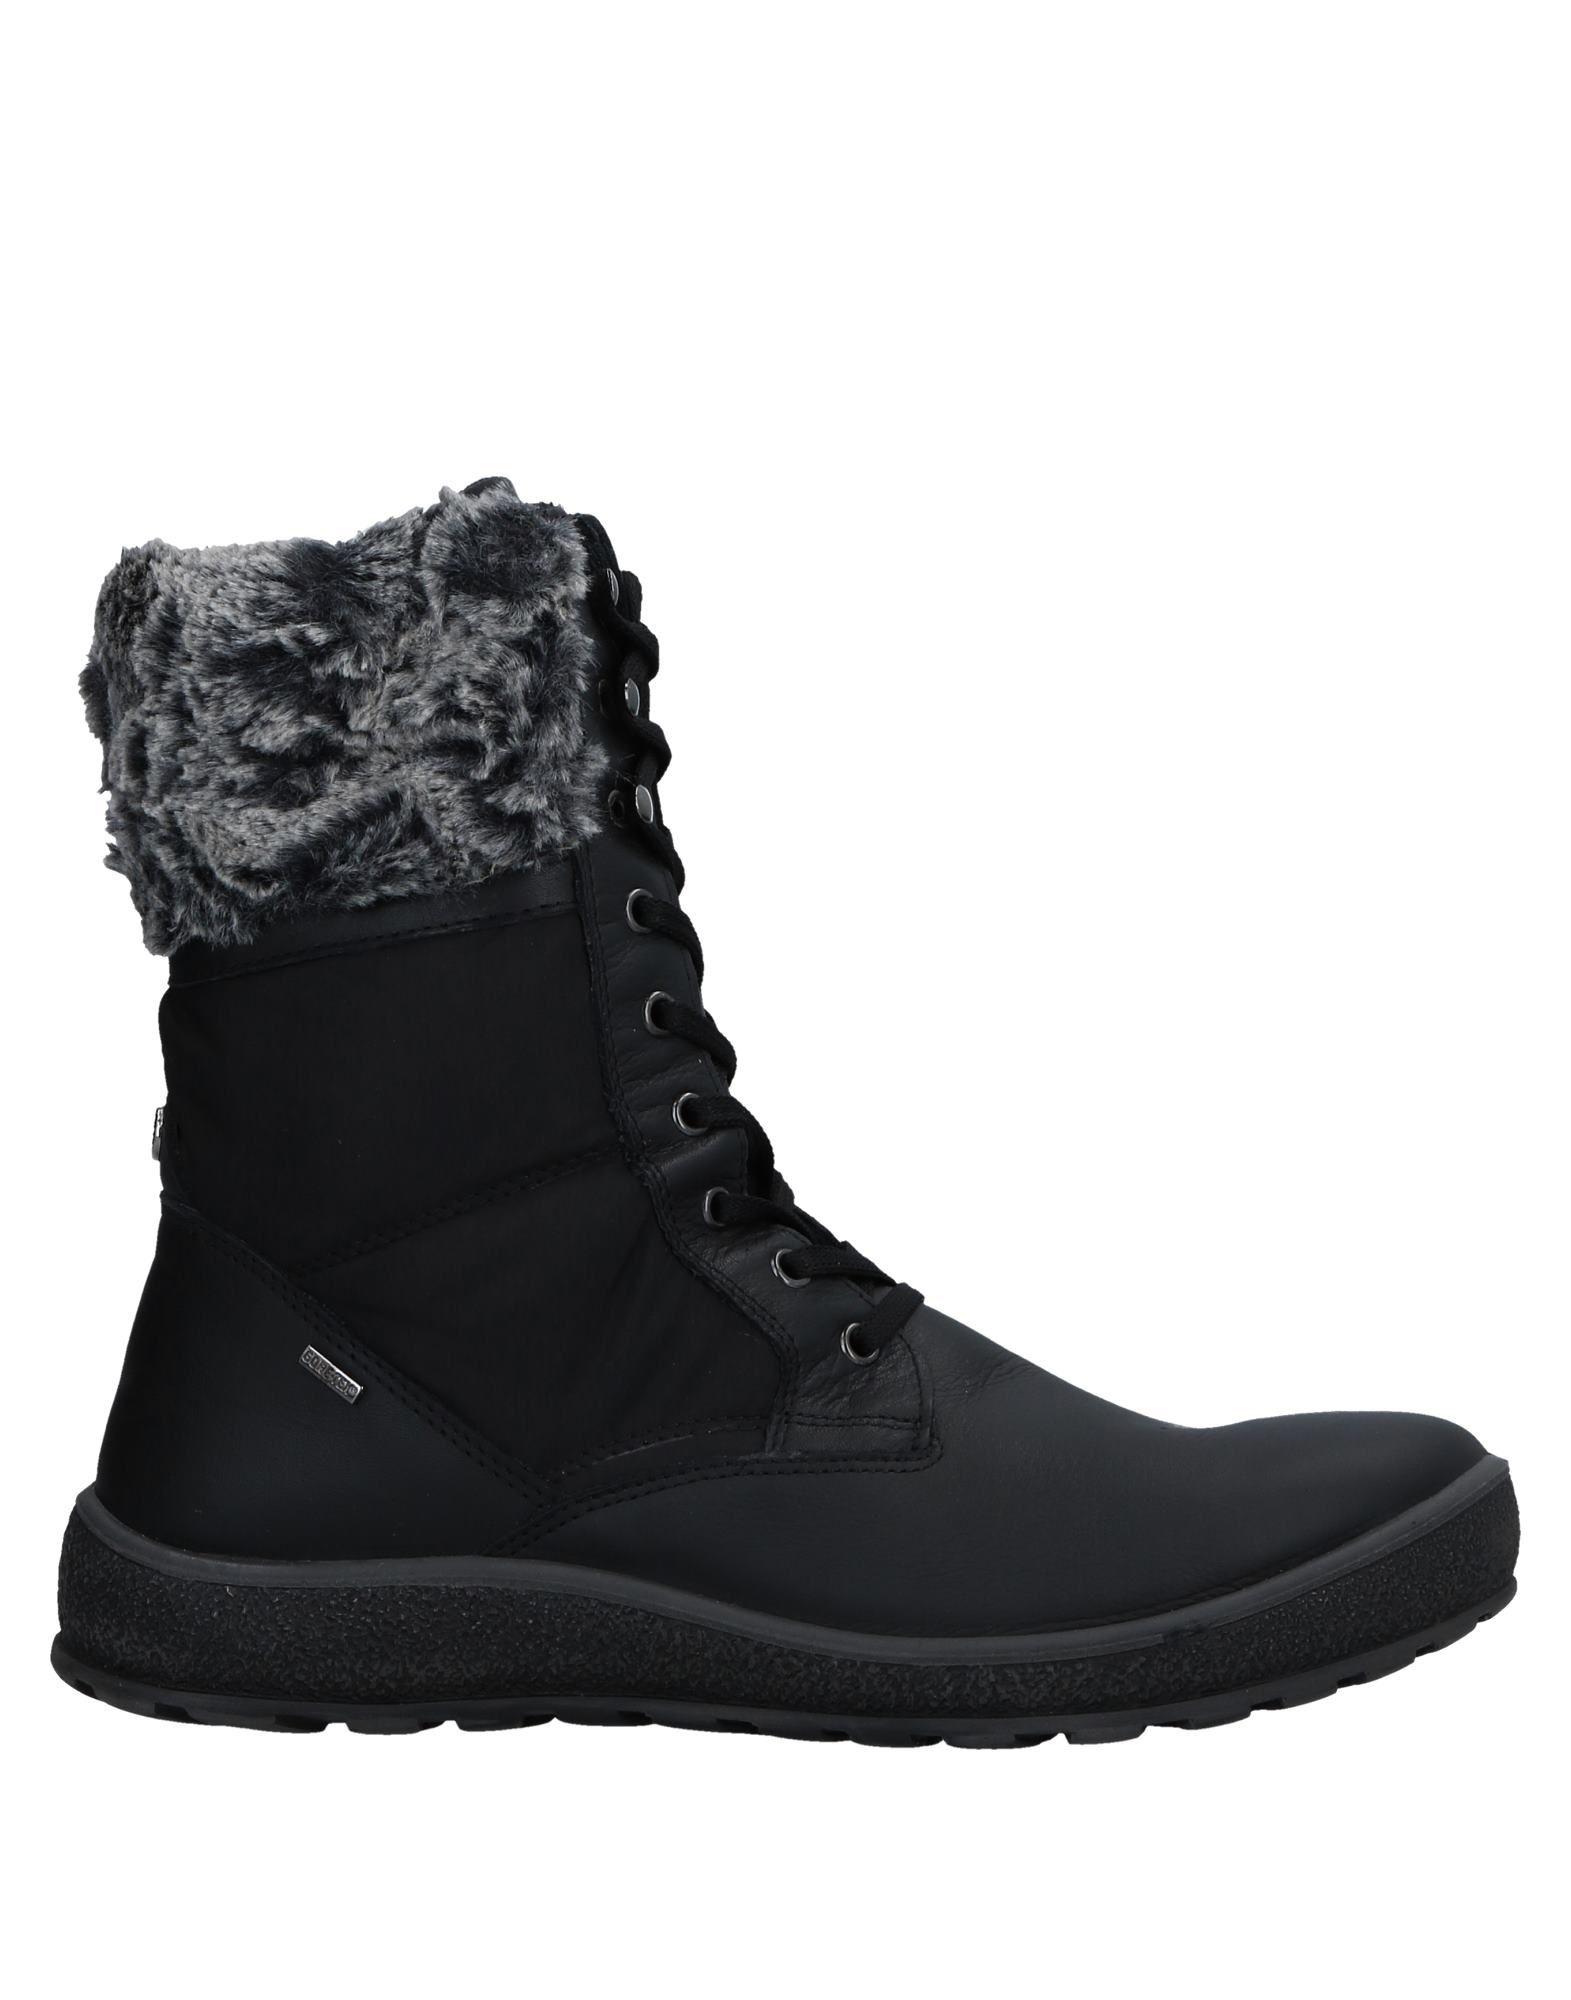 Igi&Co Stiefelette Damen  11539322IW Gute Qualität beliebte Schuhe